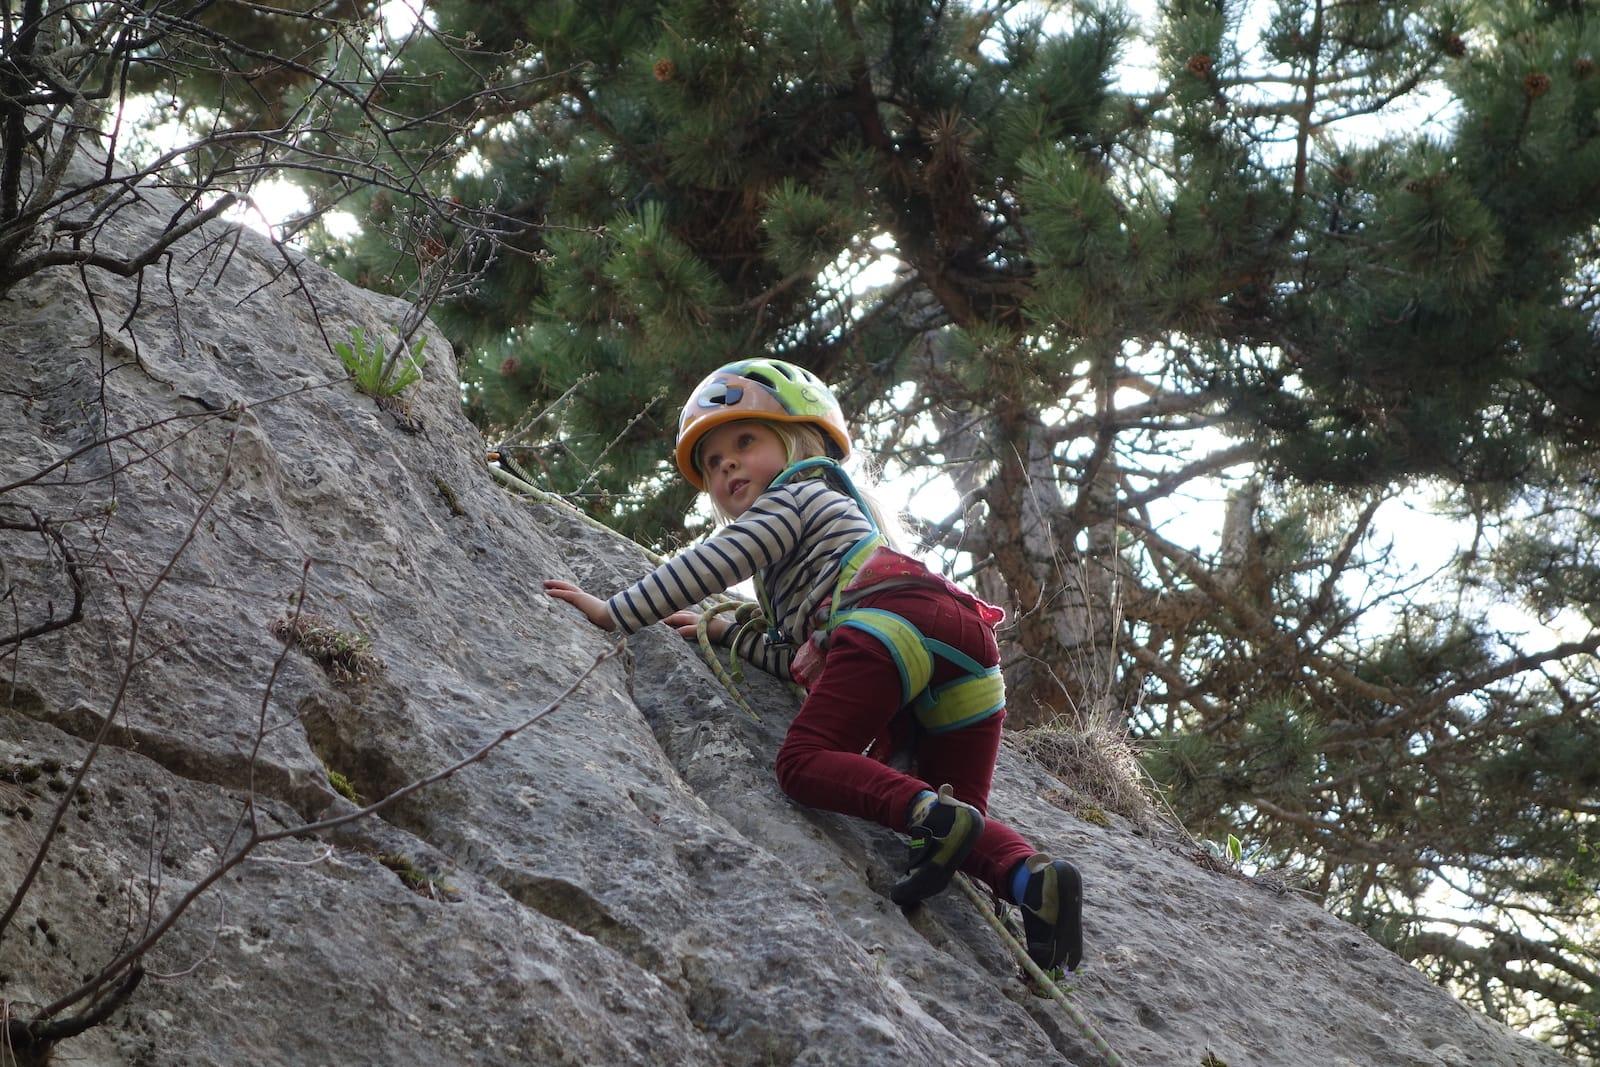 Escalades variées pour parents et enfants, dès 3 ans<br><span id='secondary-title' style='font-size:28px;line-height:34px;color:#fff!important;font-weight:300;display:block;padding-top:34px;'>De l'escalad'arbre au rocher, découvrez l'activité escalade en famille - ludique et verticale</span>